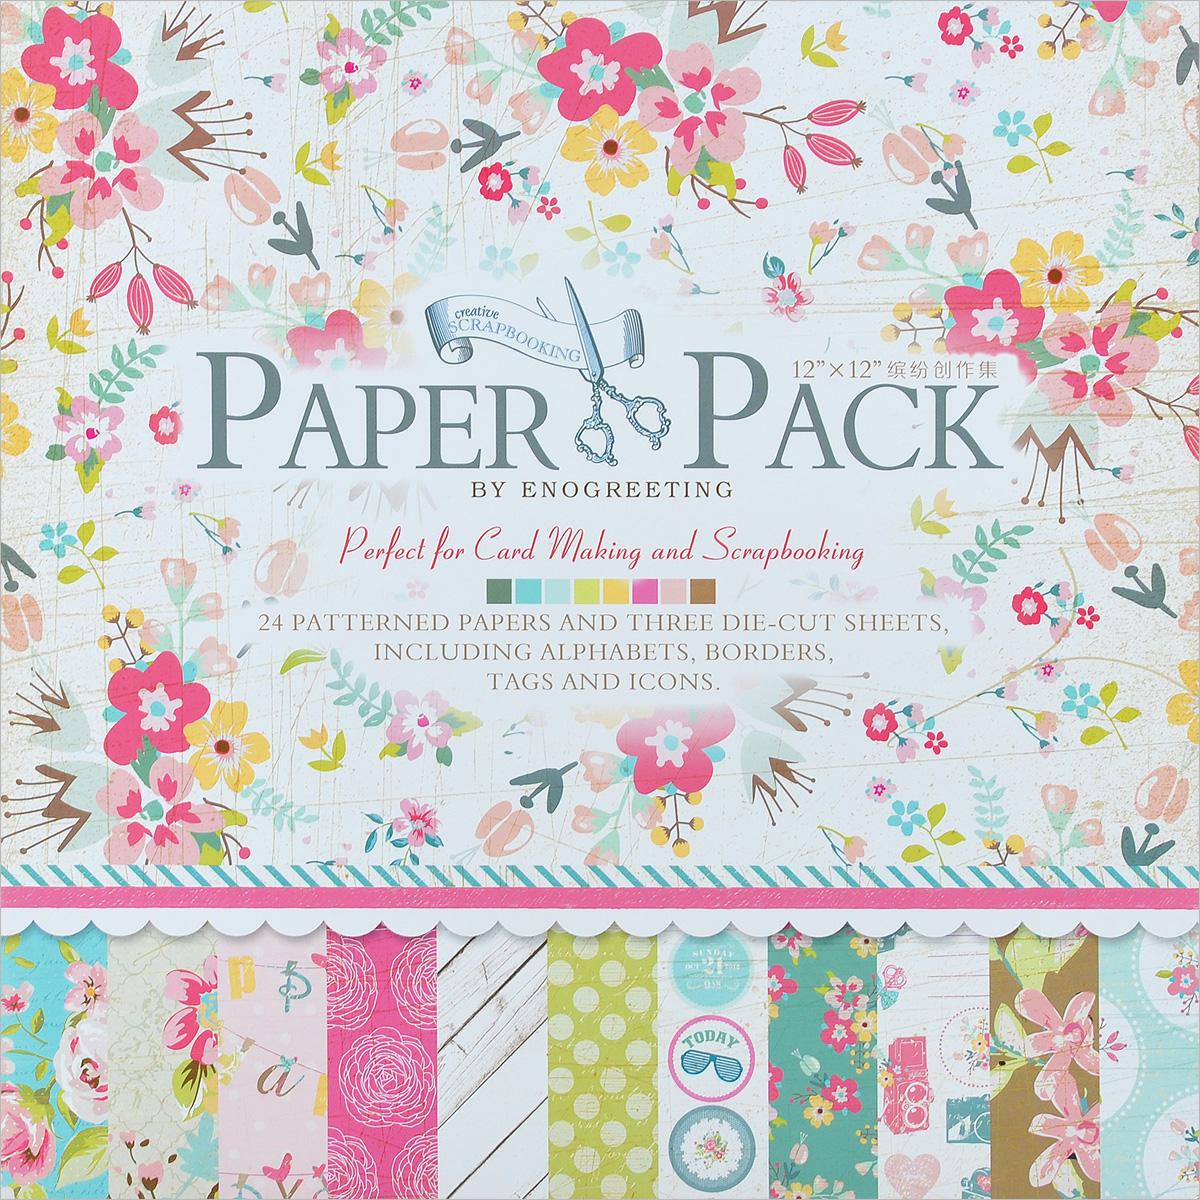 Набор бумаги для скрапбукинга Цветущее лето, 30,5 х 30,5 см, 27 листов19201Набор бумаги для скрапбукинга Цветущее лето позволит создать красивый альбом, фоторамку или открытку ручной работы, оформить подарок или аппликацию. Набор включает в себя 3 листа с различными вырубленными буквами, уголочками, надписями из плотной бумаги с односторонней печатью и 24 листа плотной бумаги с односторонней печатью, декорированных рисунком с различным дизайном (по 2 листа каждого дизайна). Скрапбукинг - это хобби, которое способно приносить массу приятных эмоций не только человеку, который этим занимается, но и его близким, друзьям, родным. Это невероятно увлекательное занятие, которое поможет вам сохранить наиболее памятные и яркие моменты вашей жизни, а также интересно оформить интерьер дома. Количество листов: 27 шт. Размер листа: 30,5 см х 30,5 см.